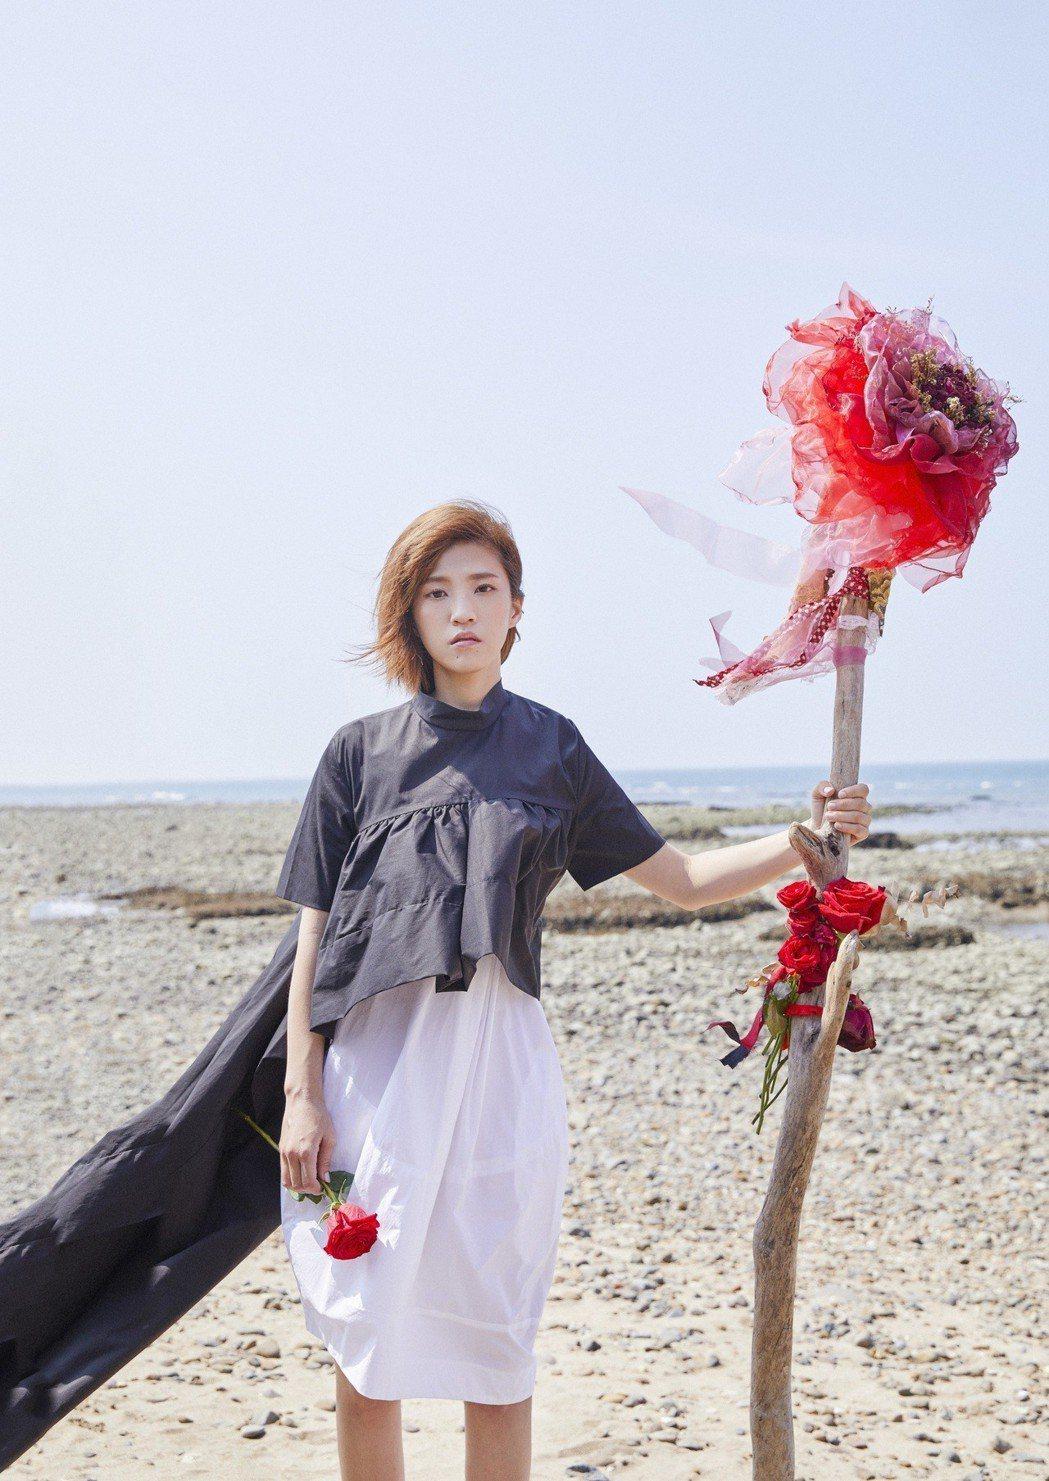 小球拿著3公斤重的特製玫瑰木頭權杖。圖/環球音樂提供